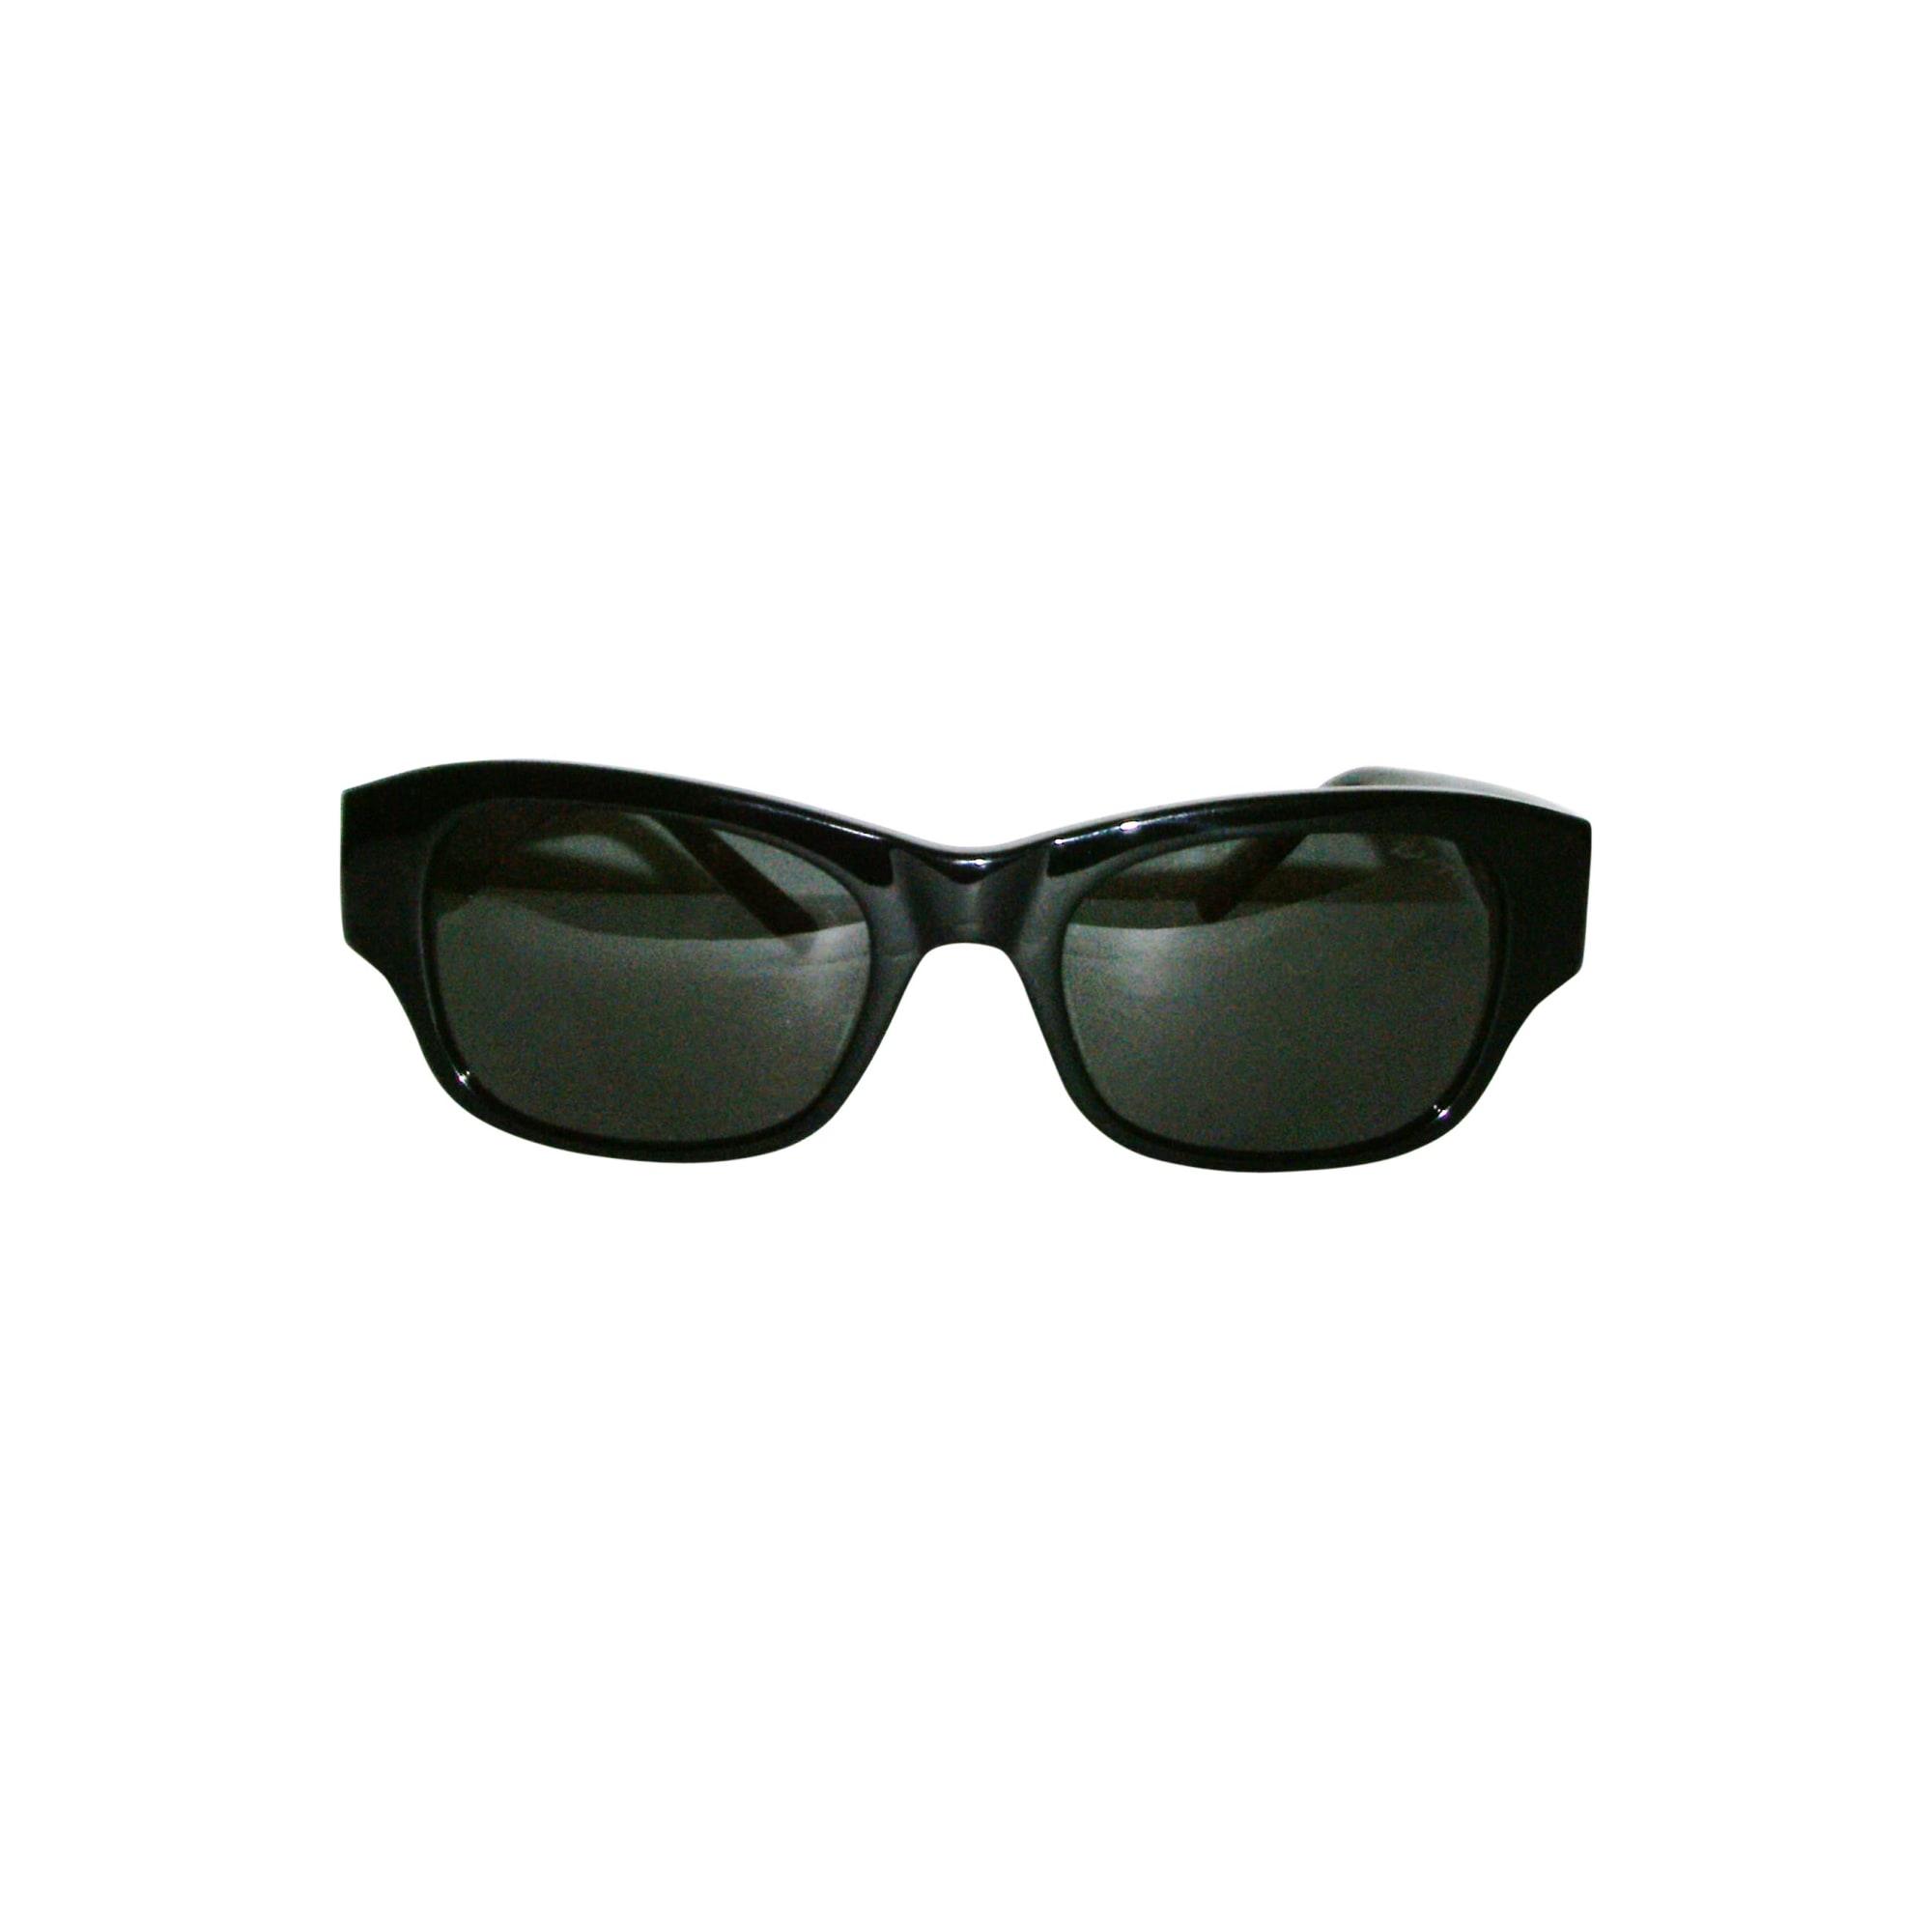 bd44937fa69f15 Lunettes de soleil KARL LAGERFELD noir vendu par Ma bella - 2256483